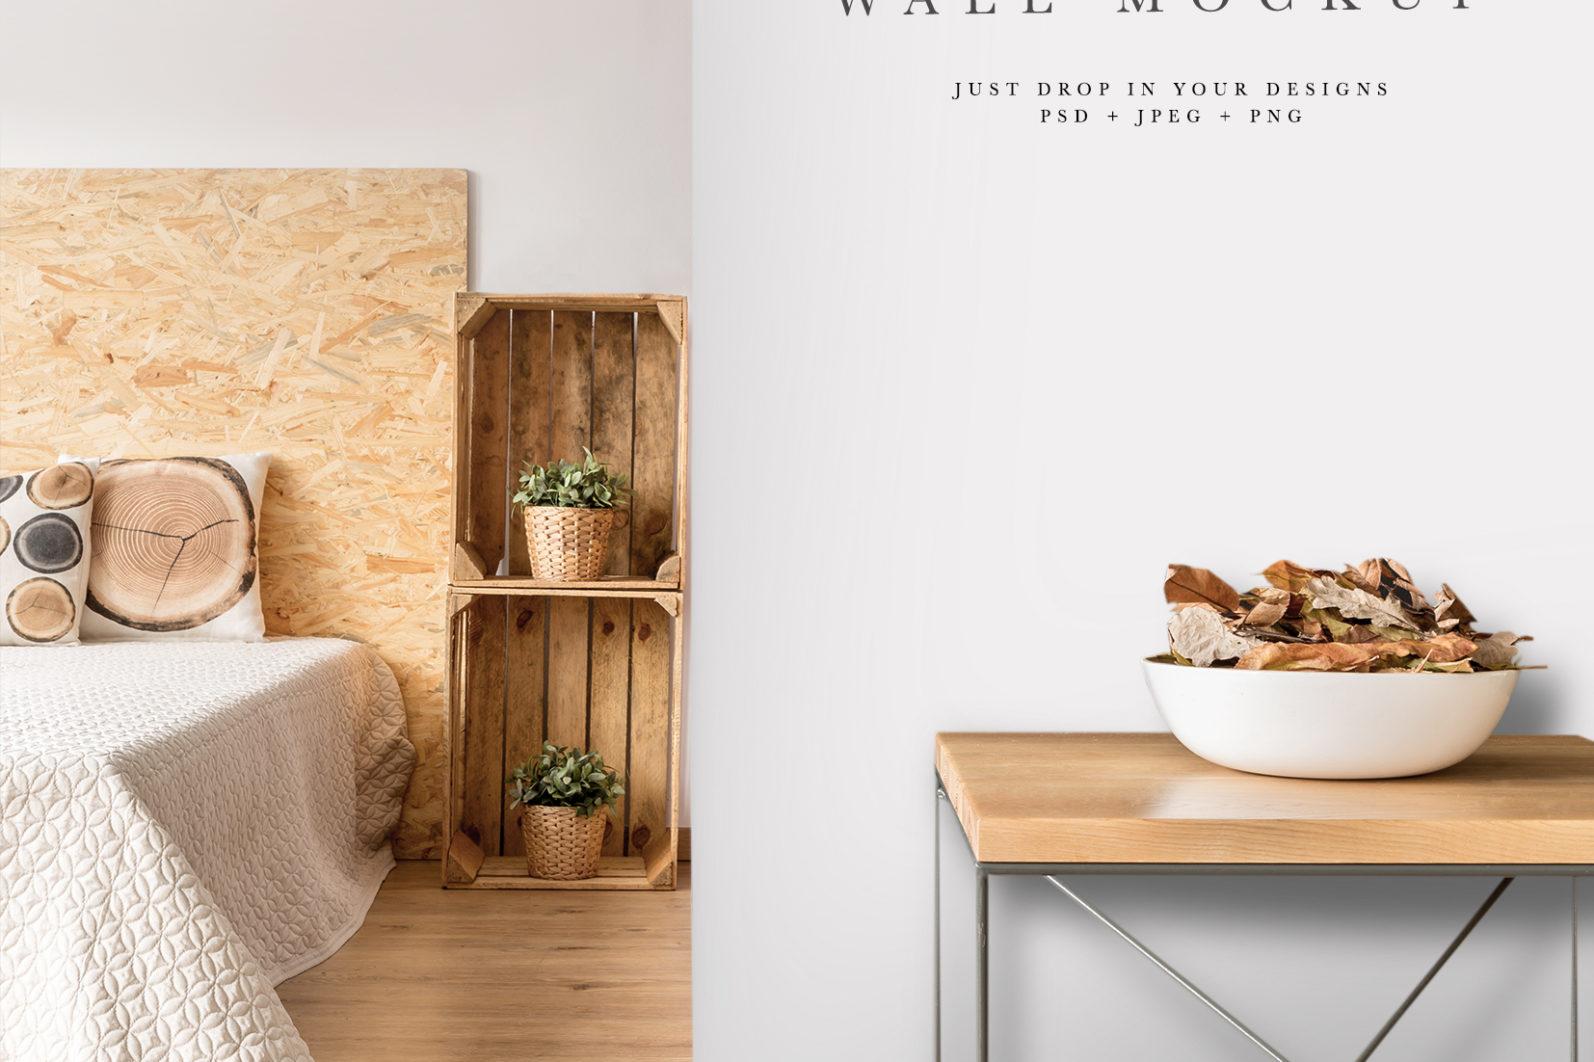 Wall Mockup #33, Wallpaper mockup, Interior mockup, Living Room interior mockup - Wall 33 PREVIEW 1 -